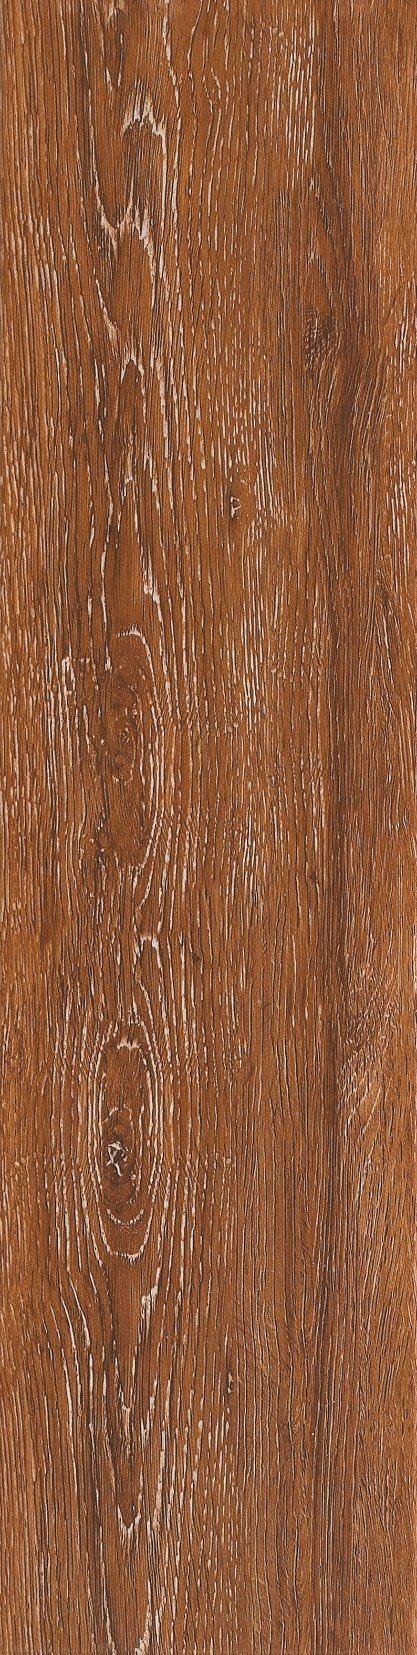 Mf615832 Hot Sale Antique Wooden Design Porcelain Floor Tile Kitchen Tile